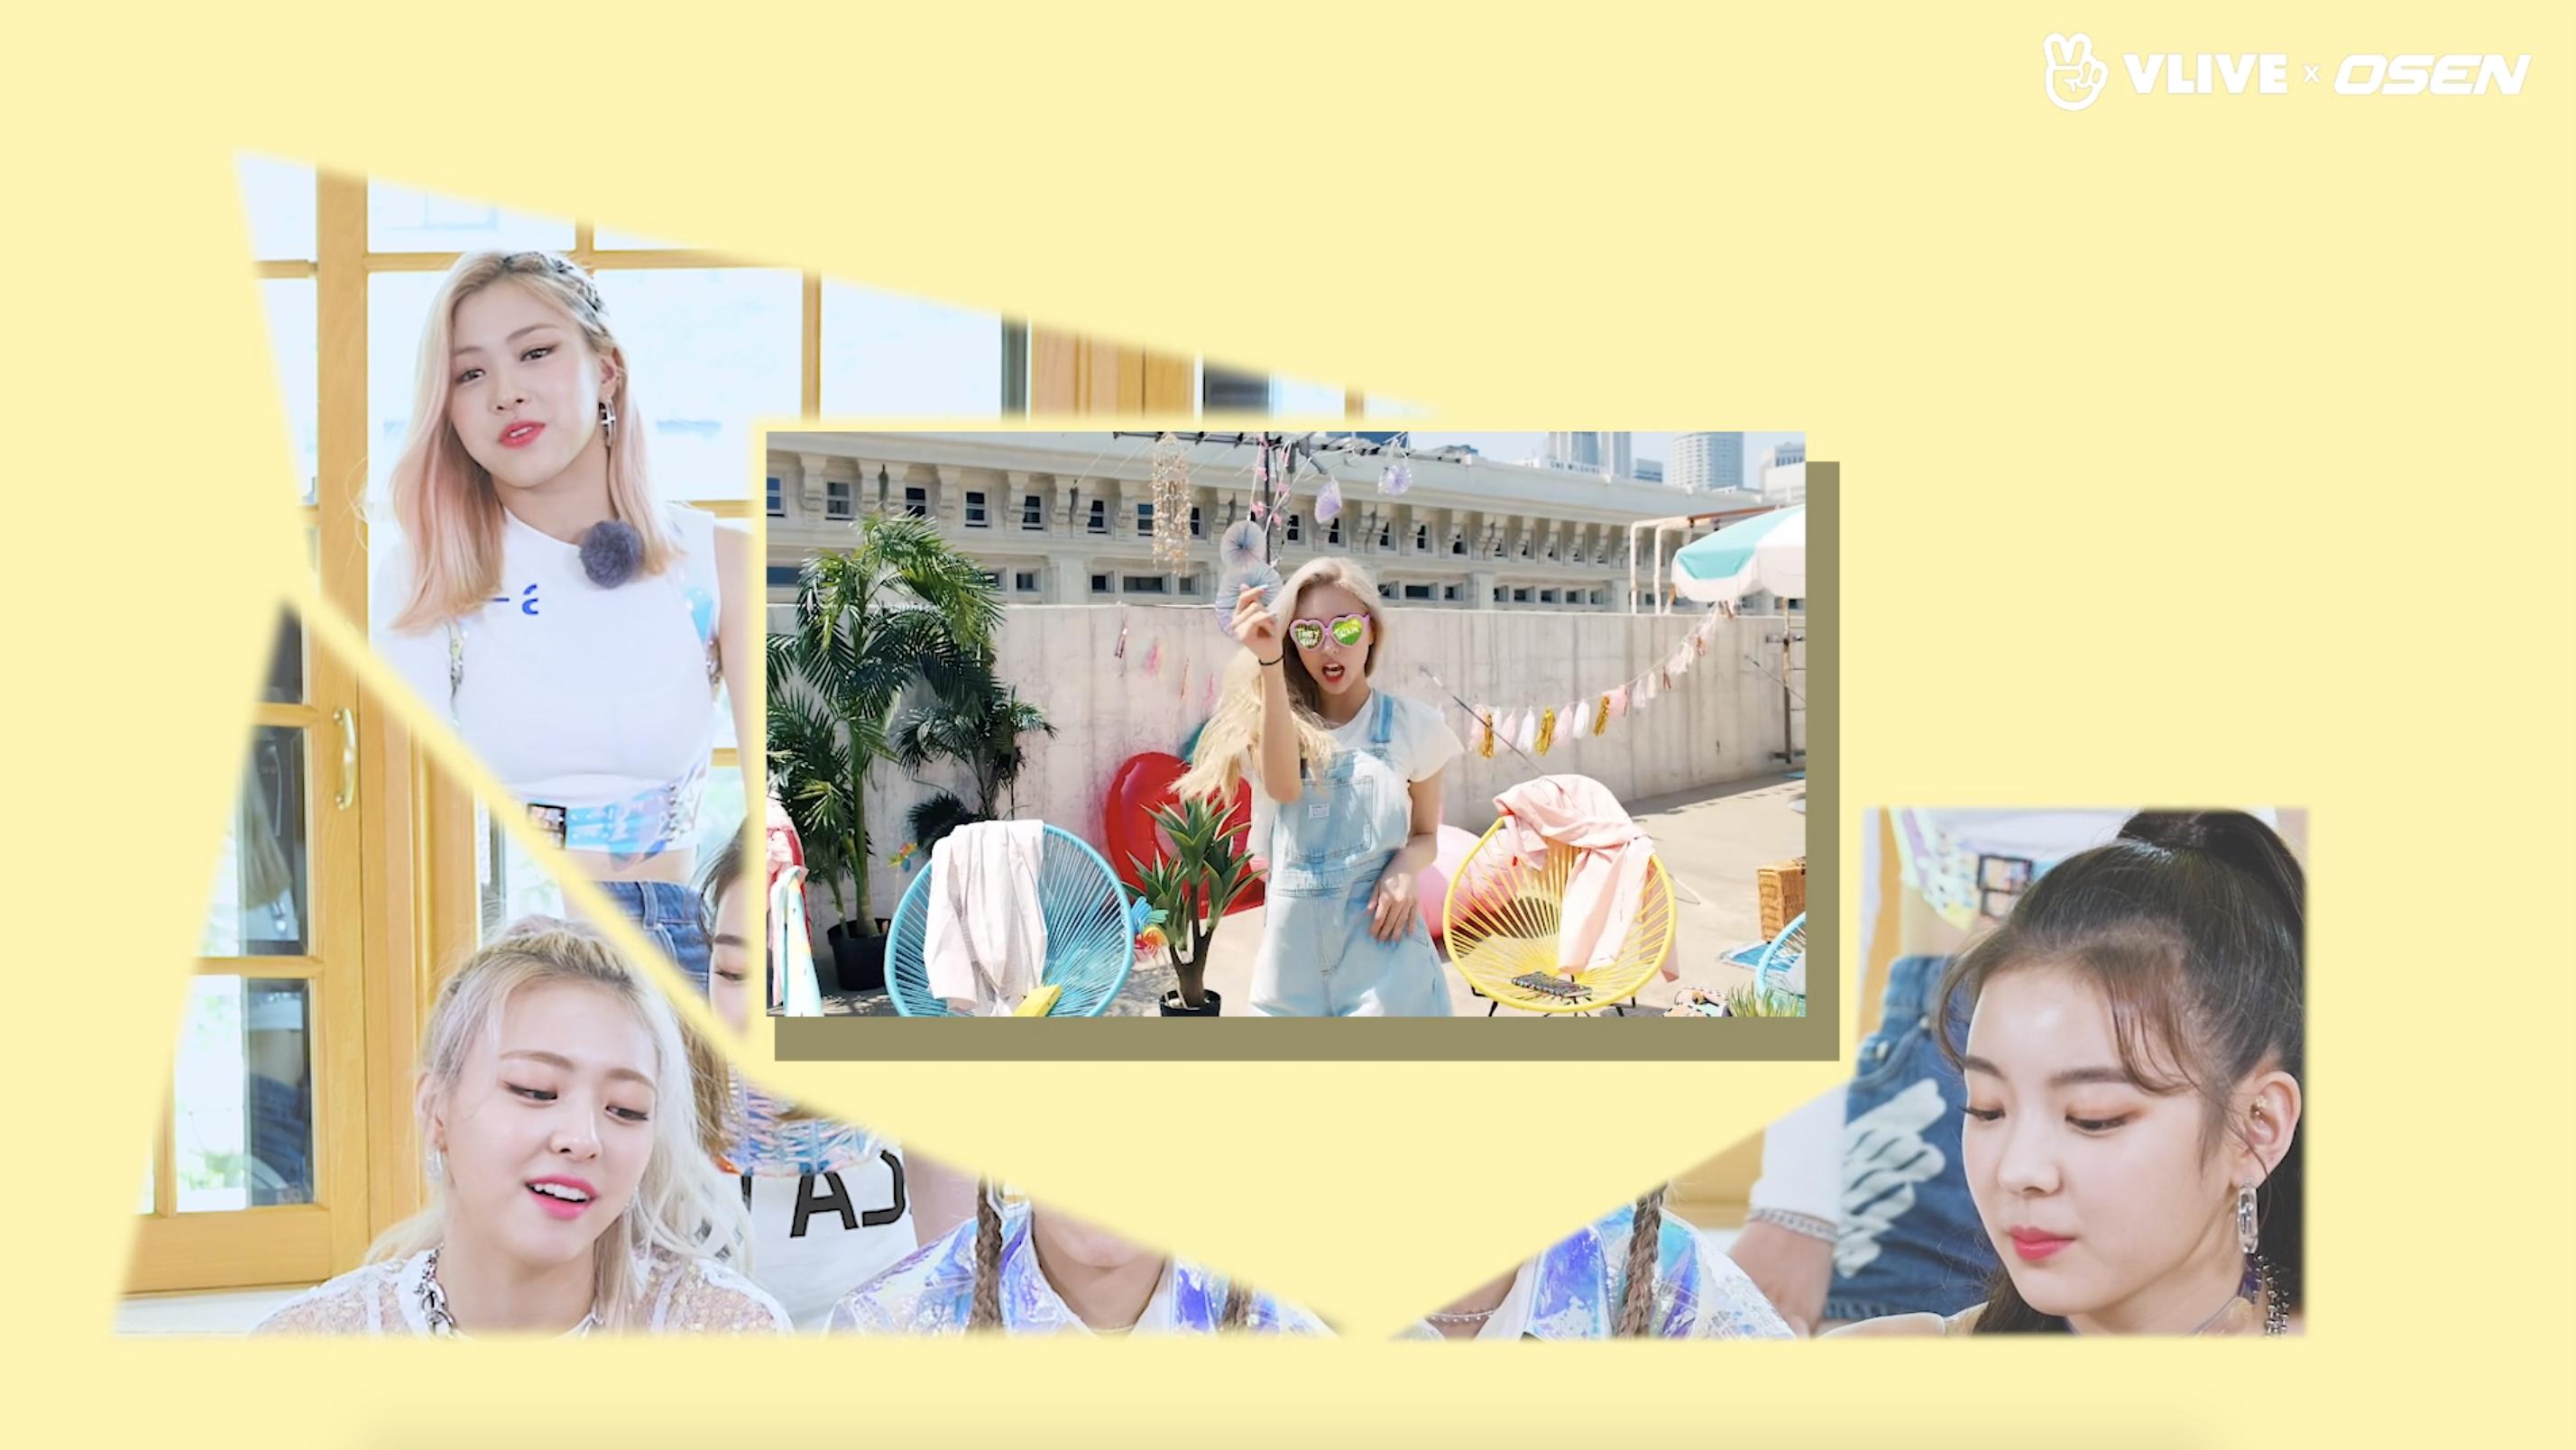 '스타로드' ITZY가 밝히는 'ICY' 속 숨겨진 촬영 명소는?! #EP 06